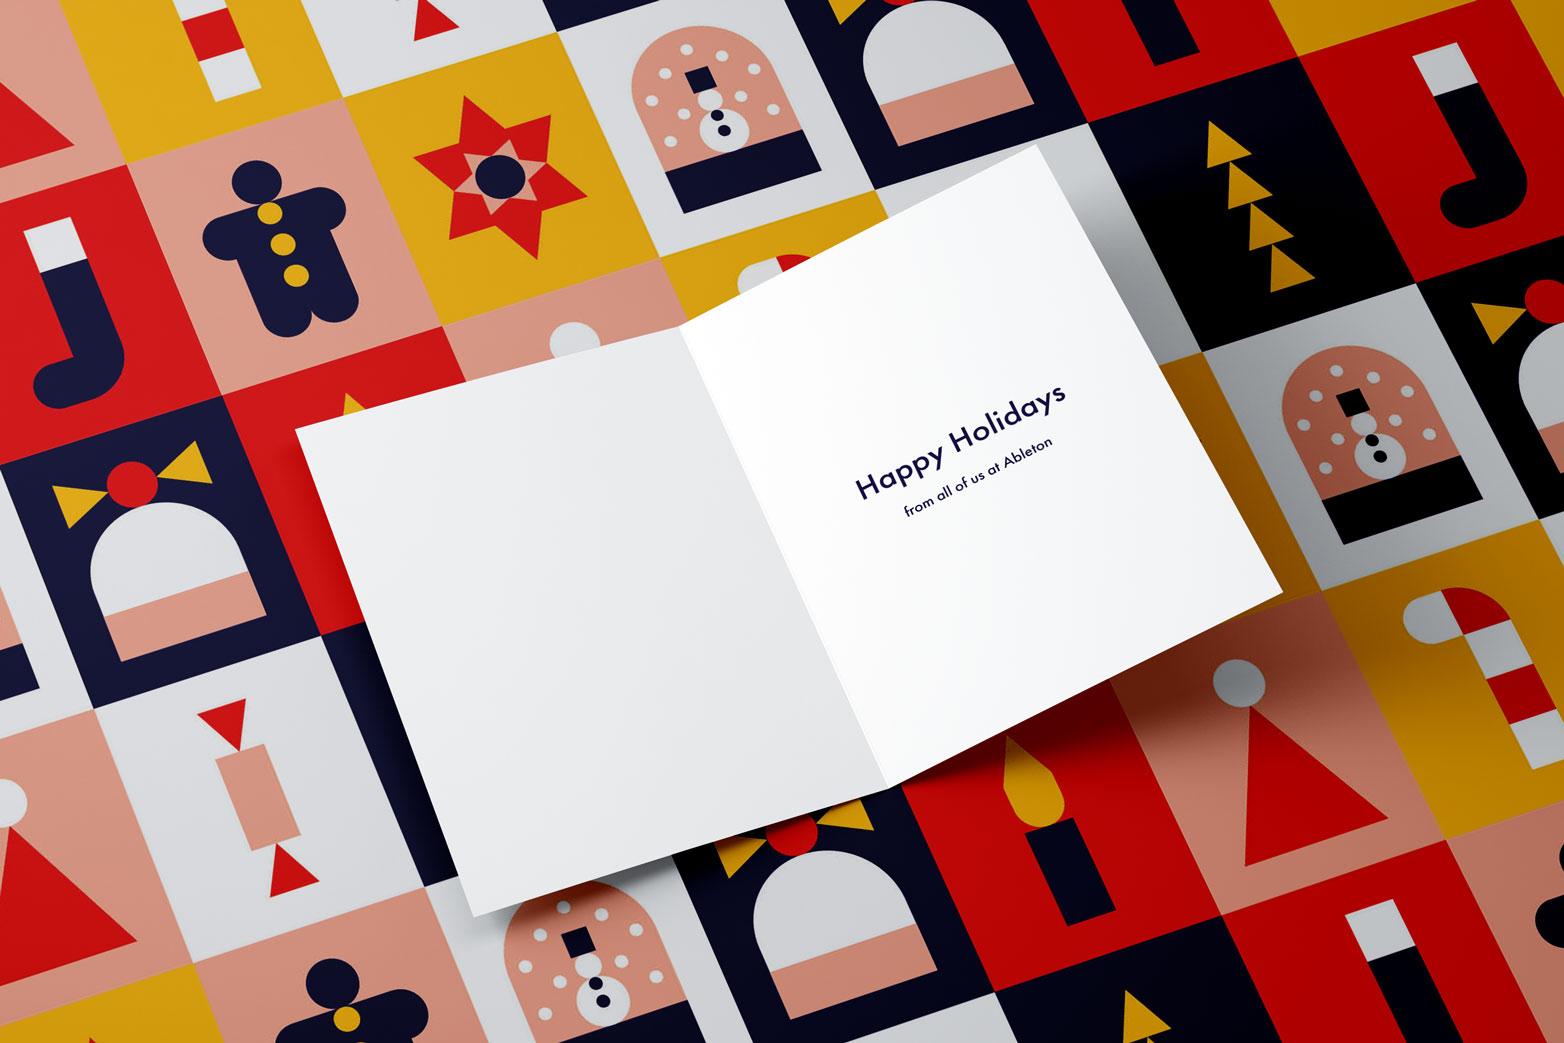 ABL-xmasparty-card-06.jpg